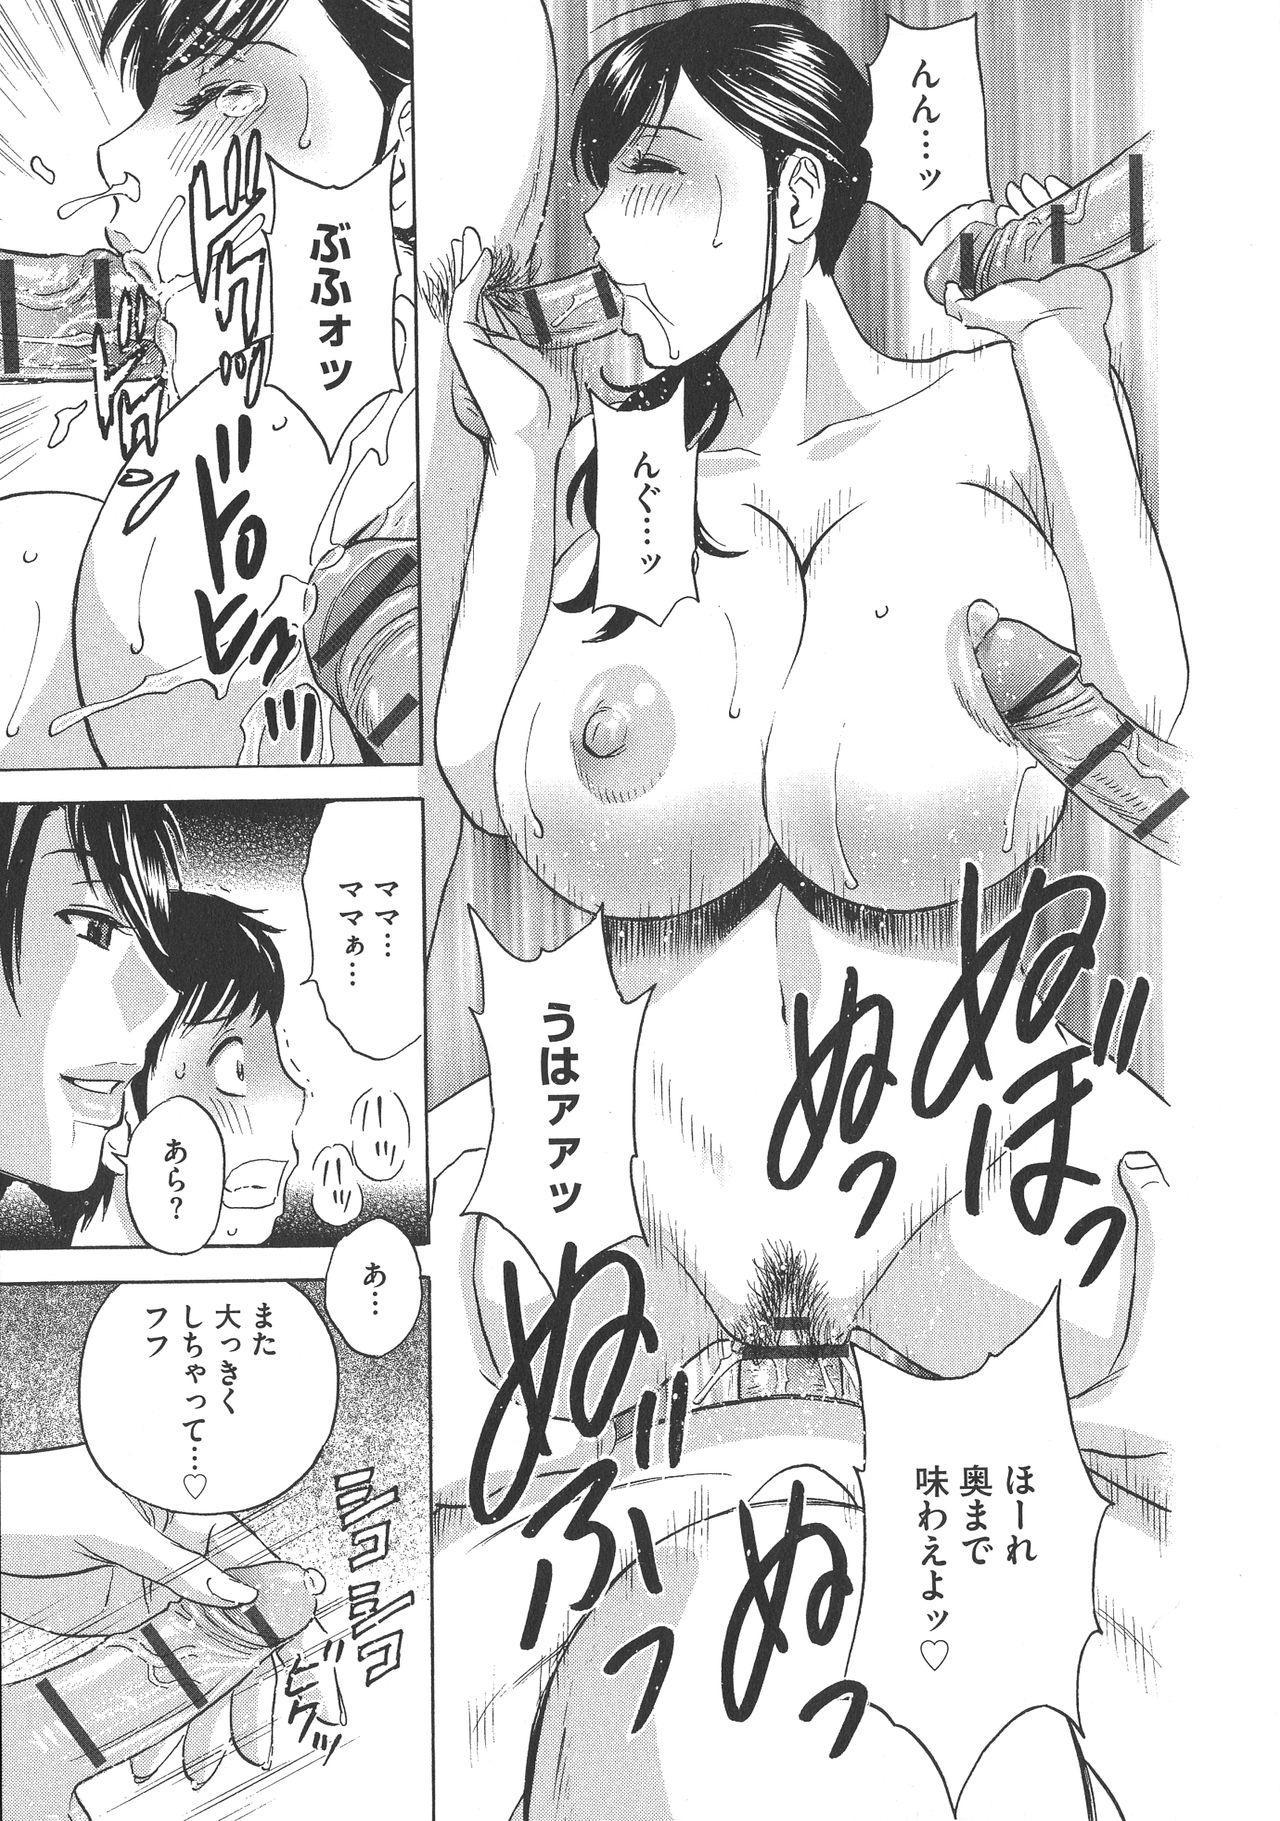 Chijoku ni Modaeru Haha no Chichi… 174